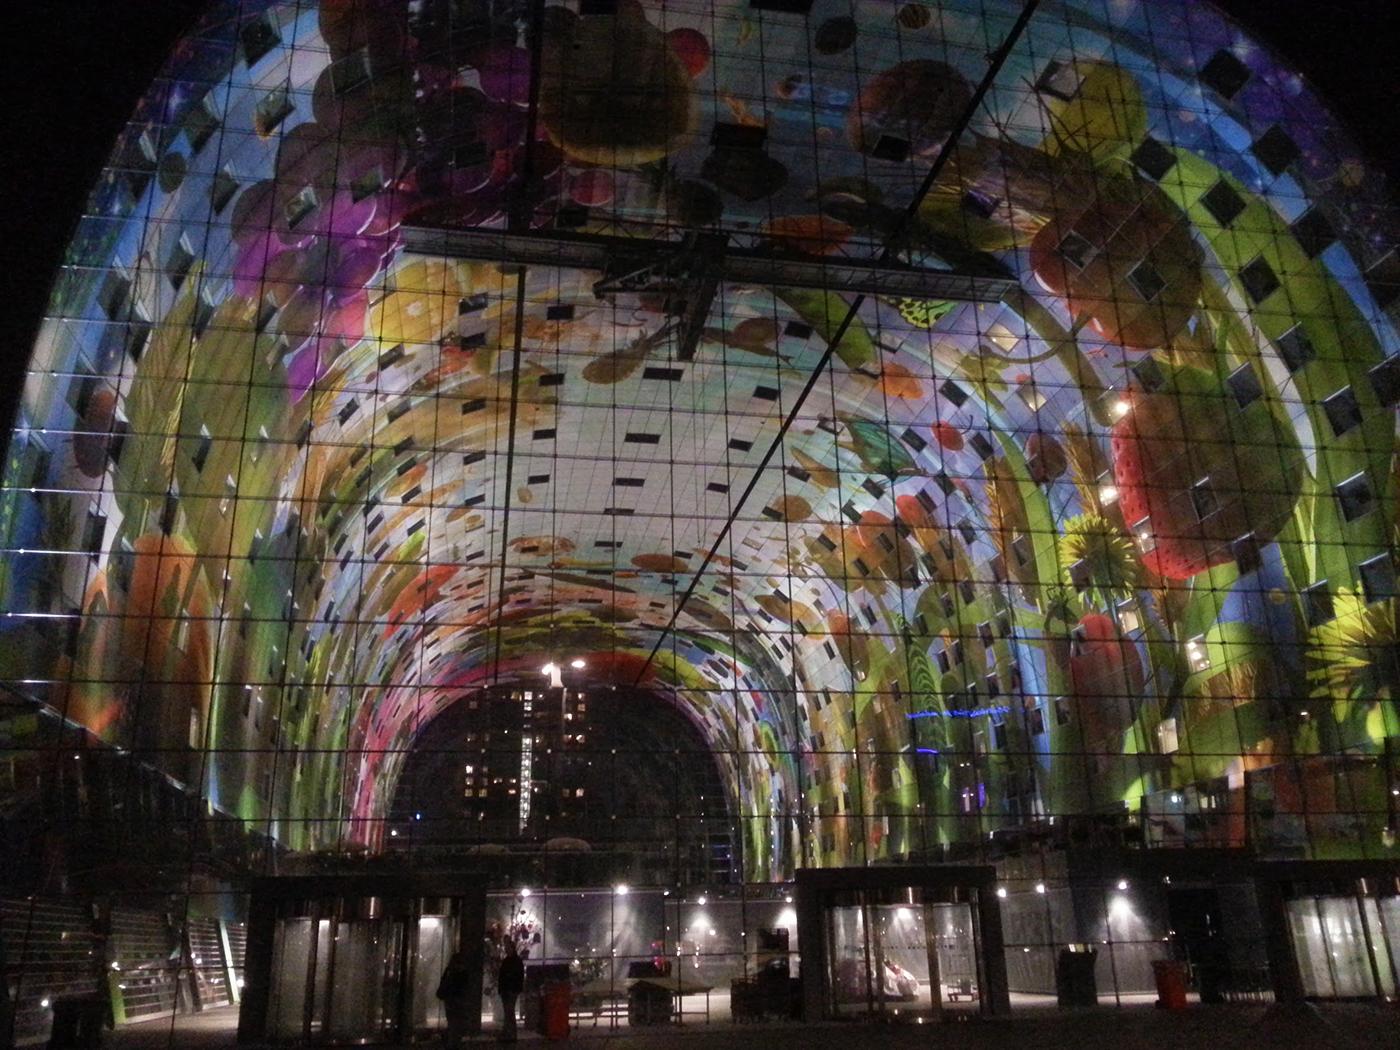 Bezoek de markthal in Rotterdam tijdens een stadswandeling